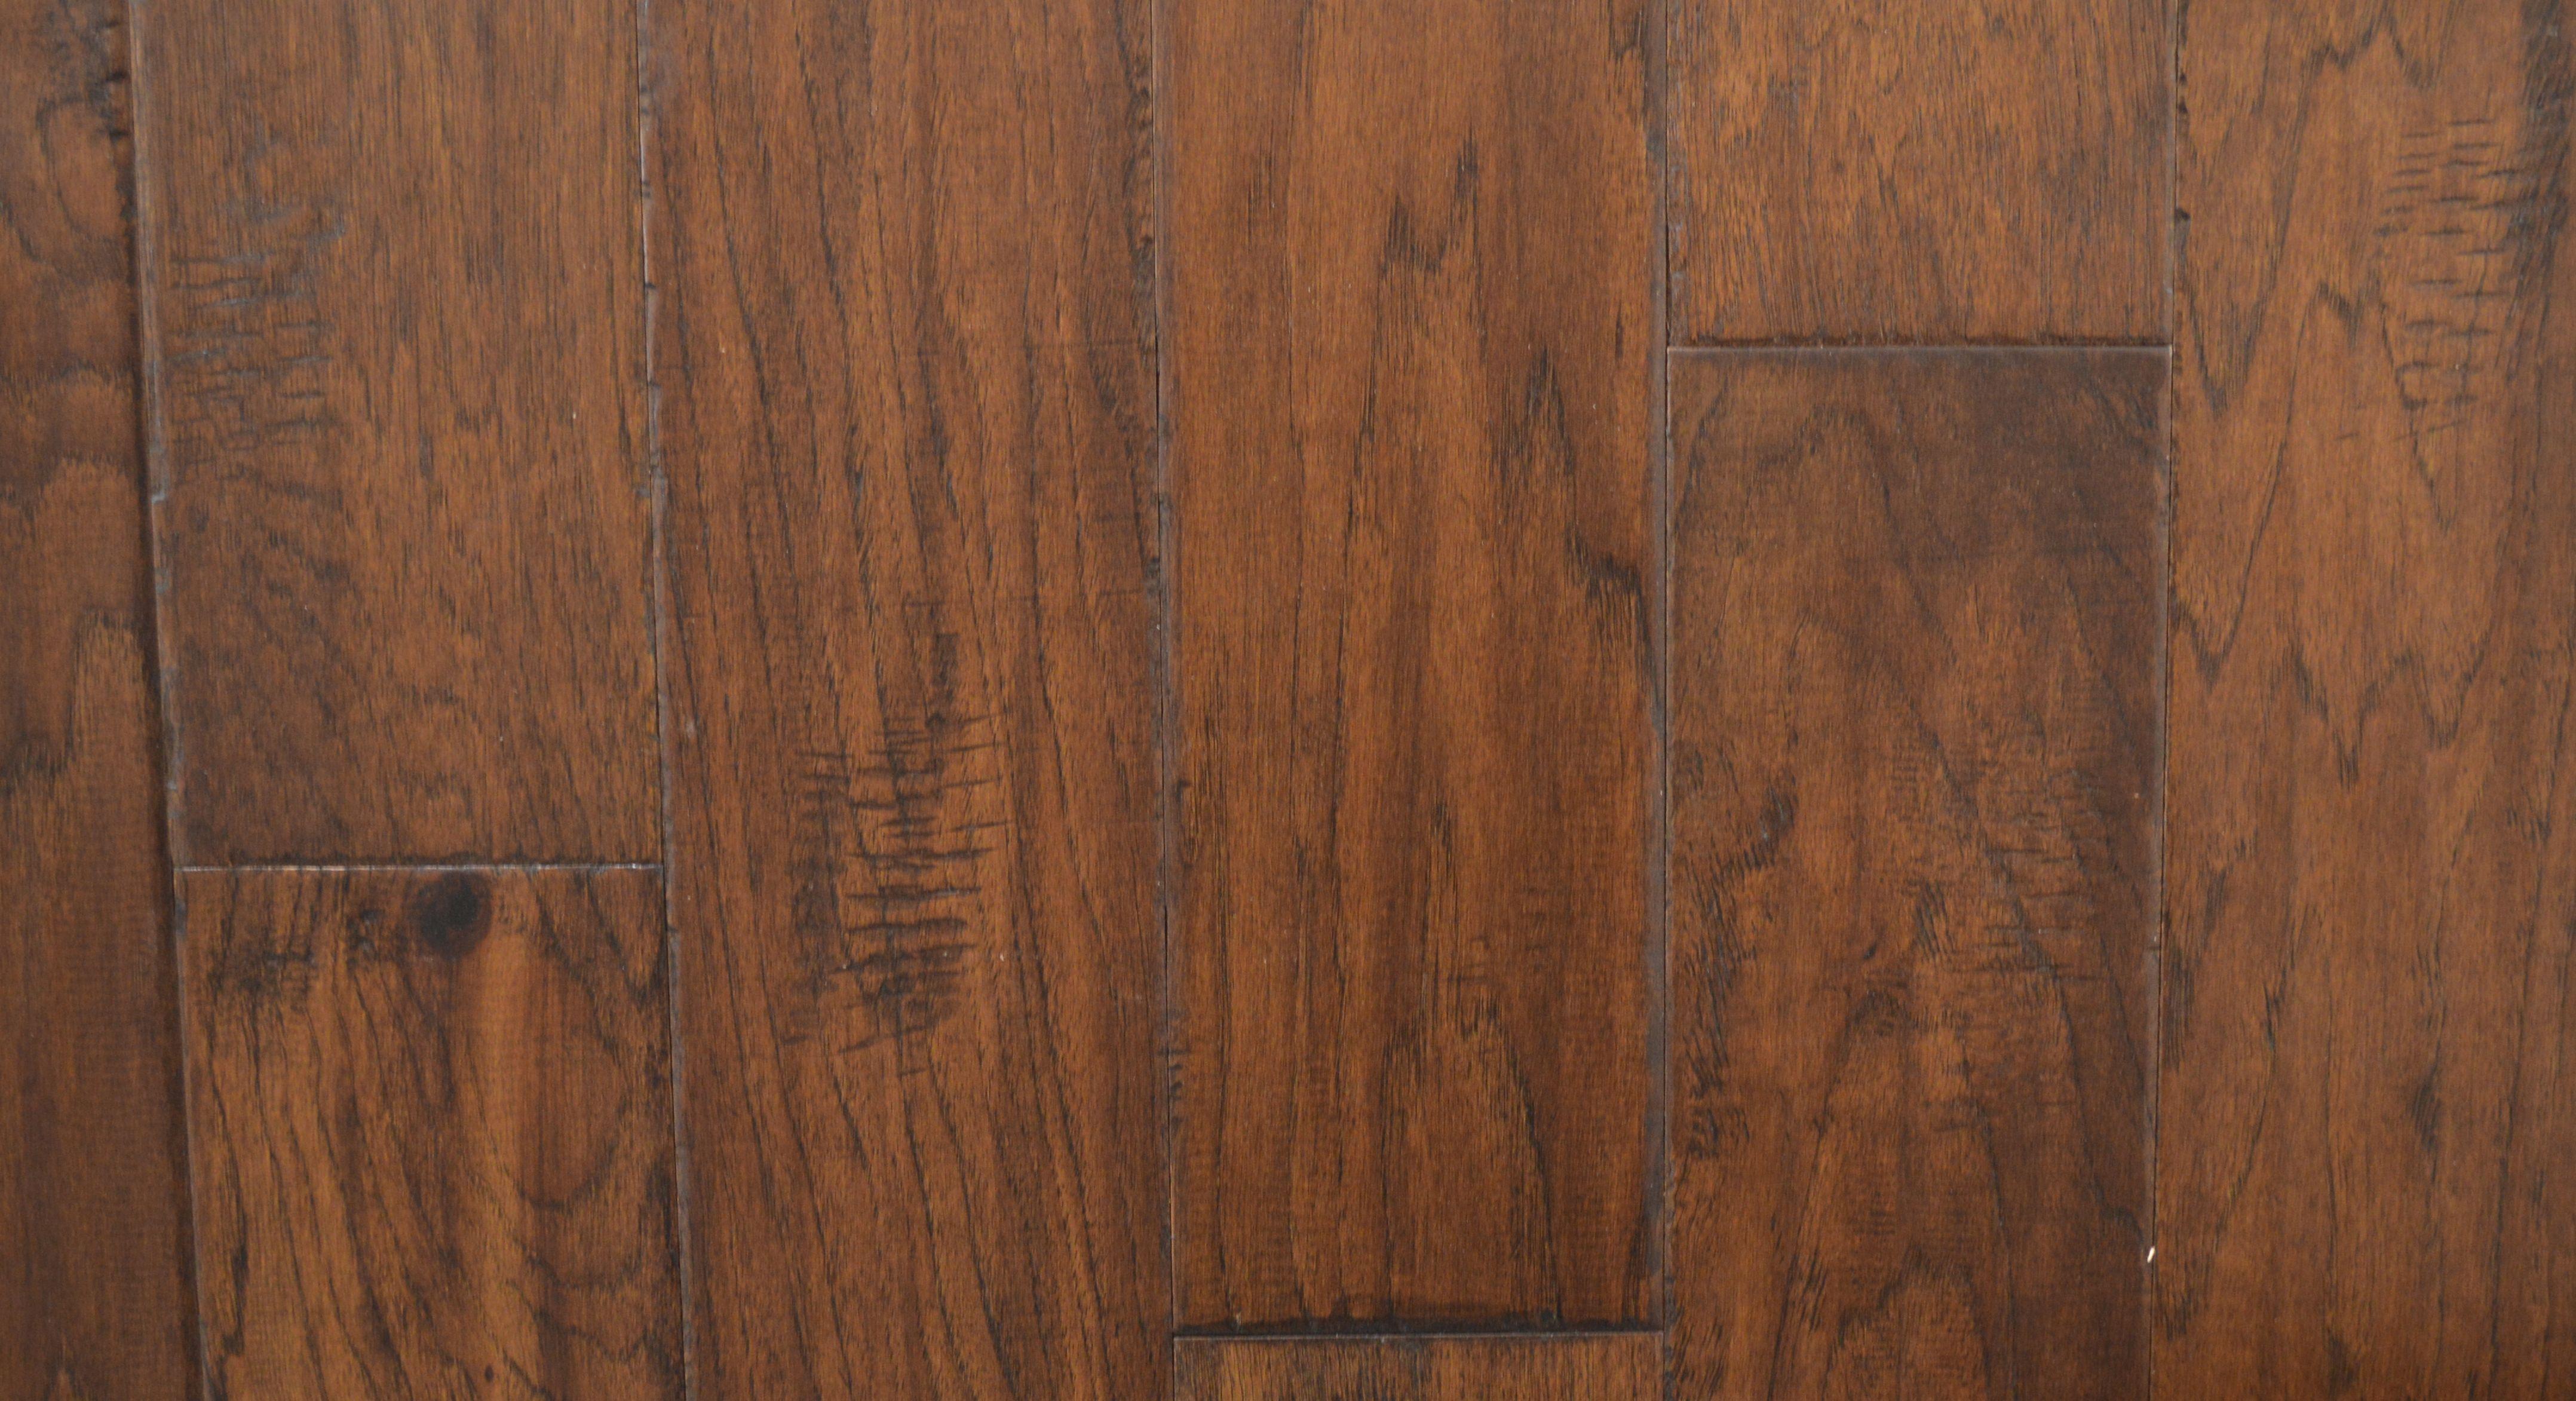 Weatherby 5 Mocha Hickory Level 1 Wood Floors Flooring